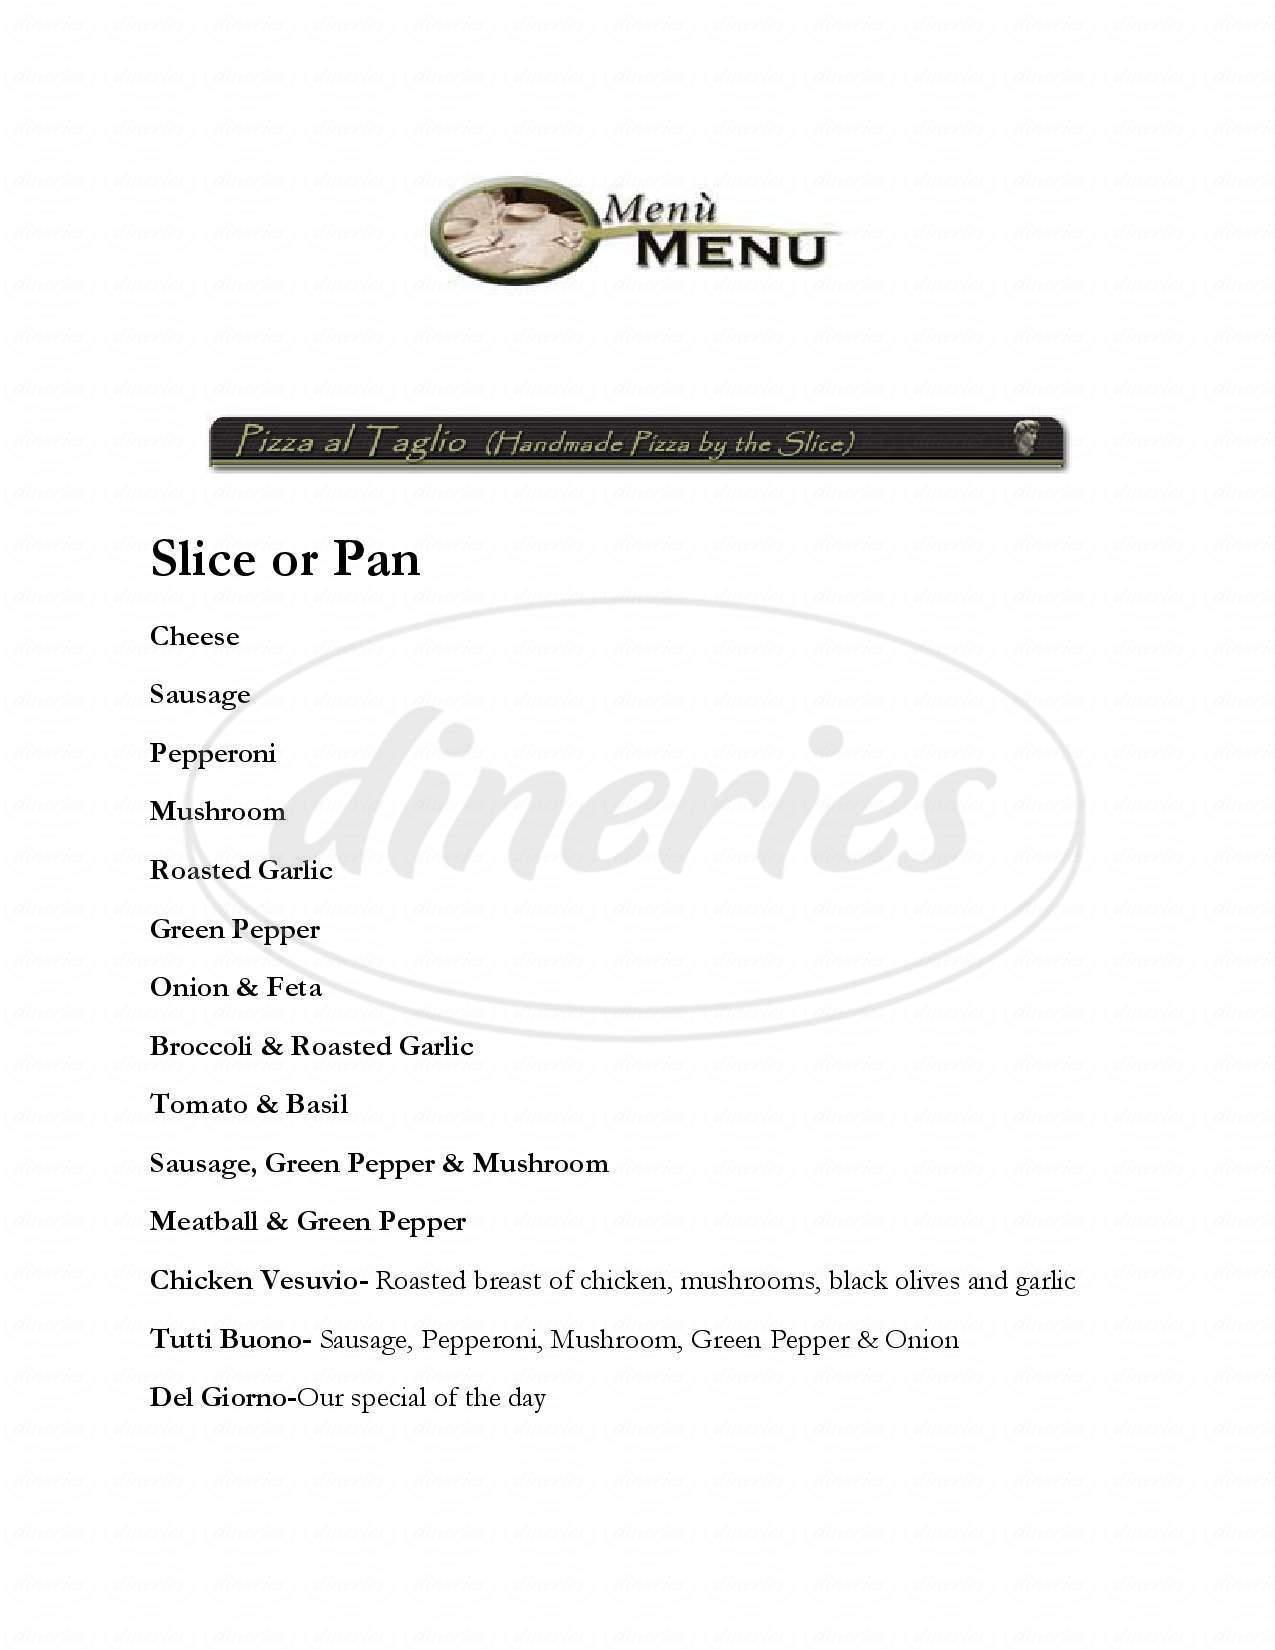 menu for Pizzeria Venti